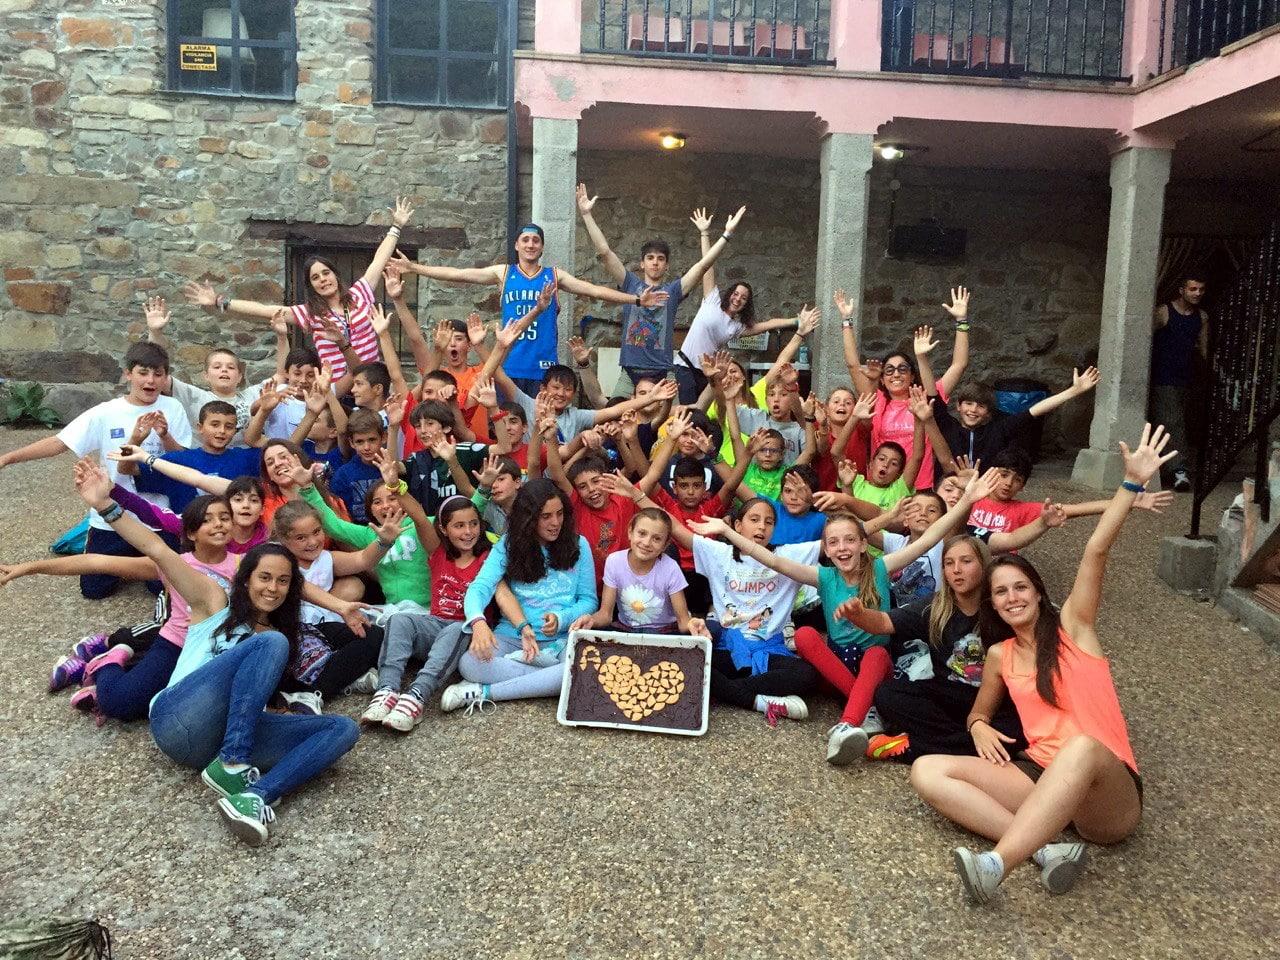 Campamento de verano Multiaventura en España niños adolescentes jóvenes Grupo Joven instalaciones